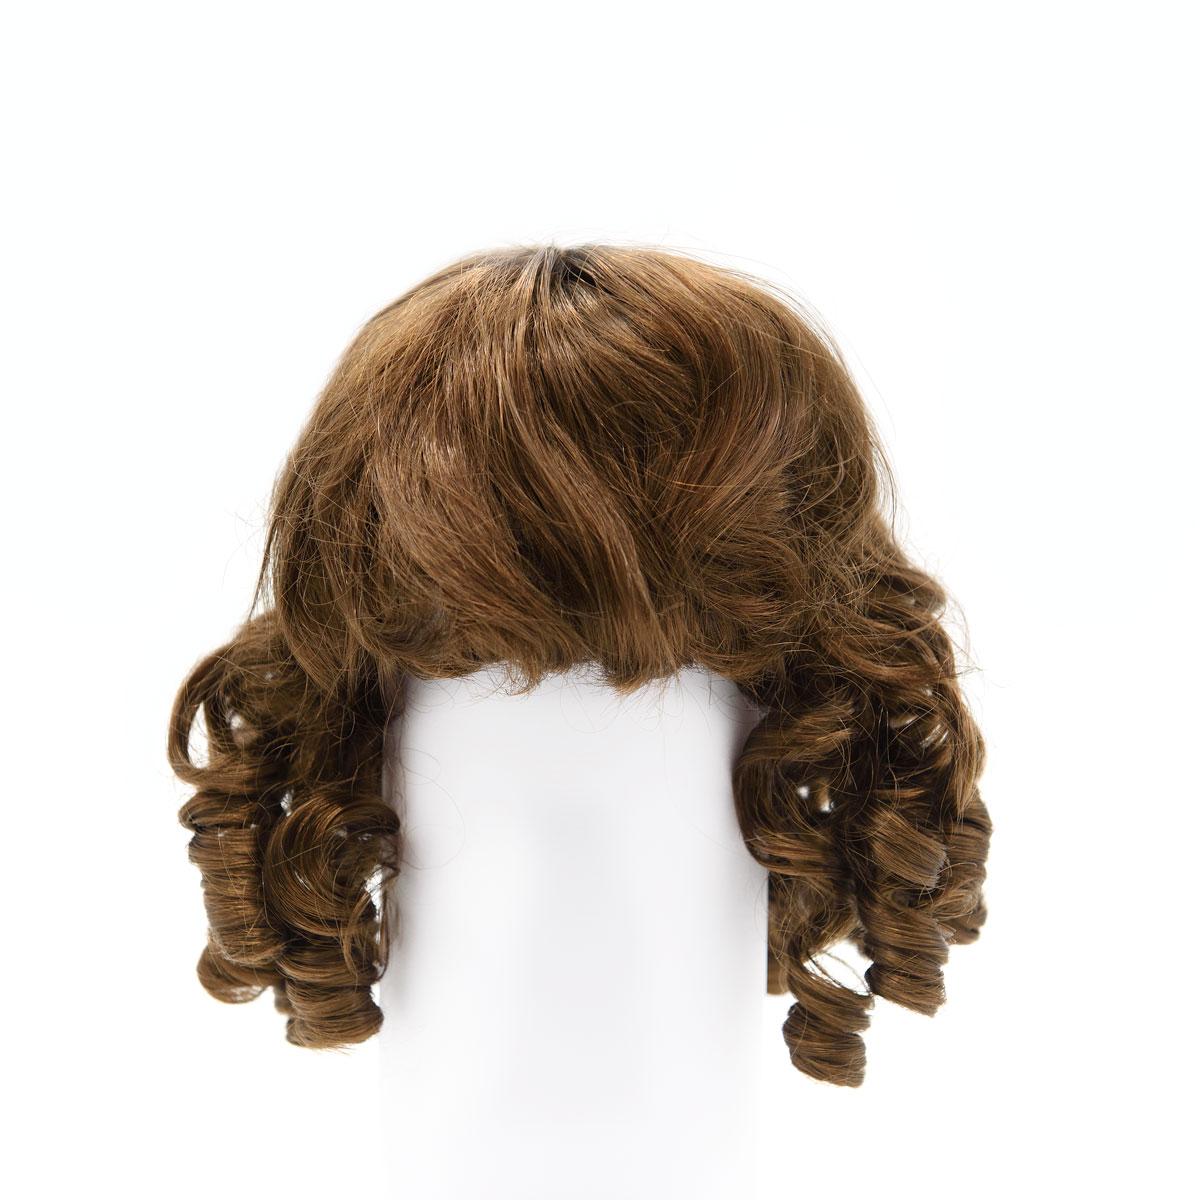 Волосы для кукол QS-10 (каштановые) фото